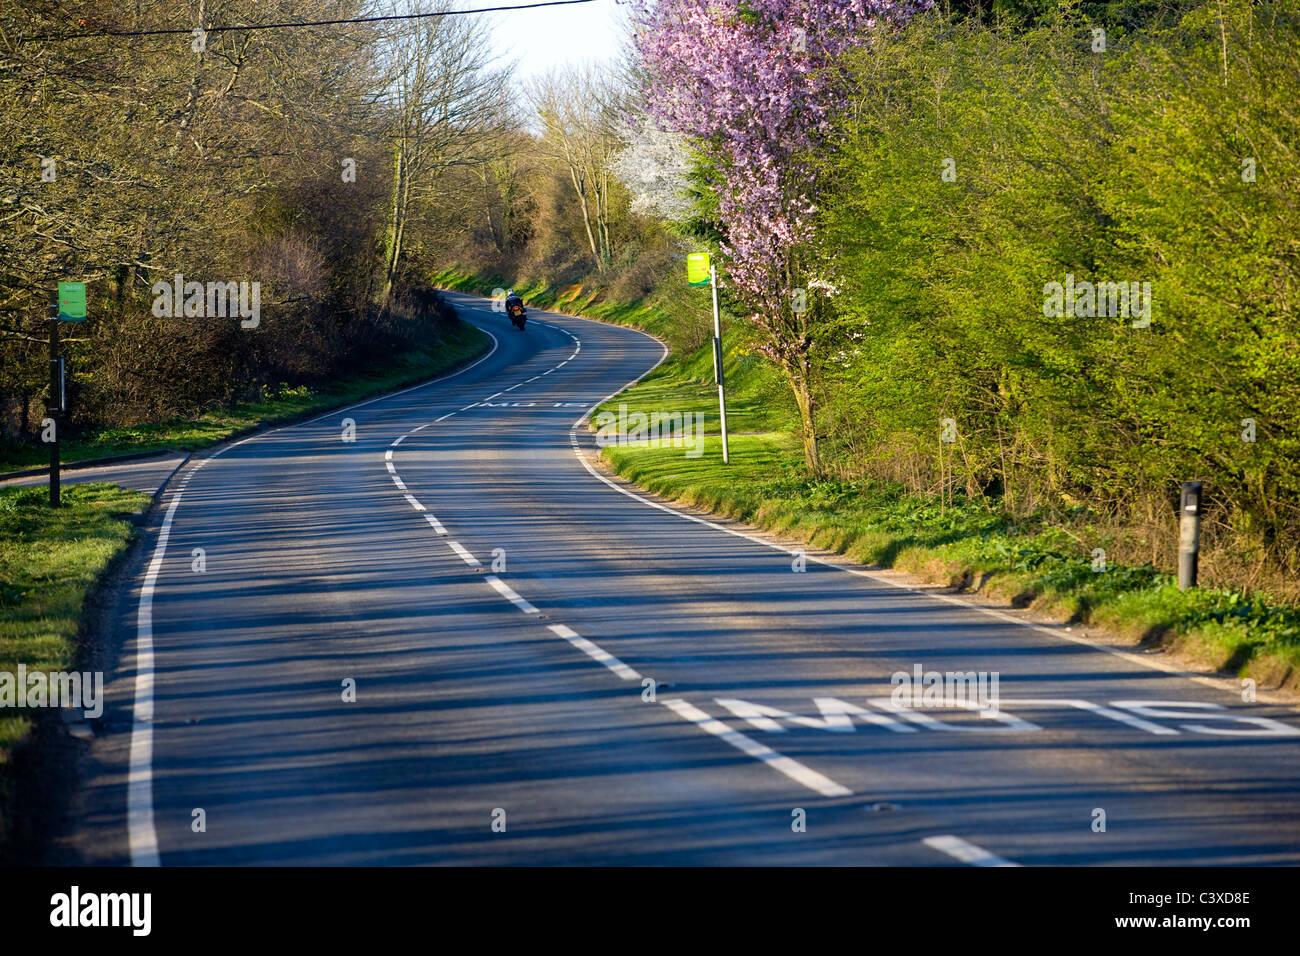 La circulation, la signalisation routière, le marquage routier, UN3020, Blackwater Rookely Godshill, île de Wight, Banque D'Images